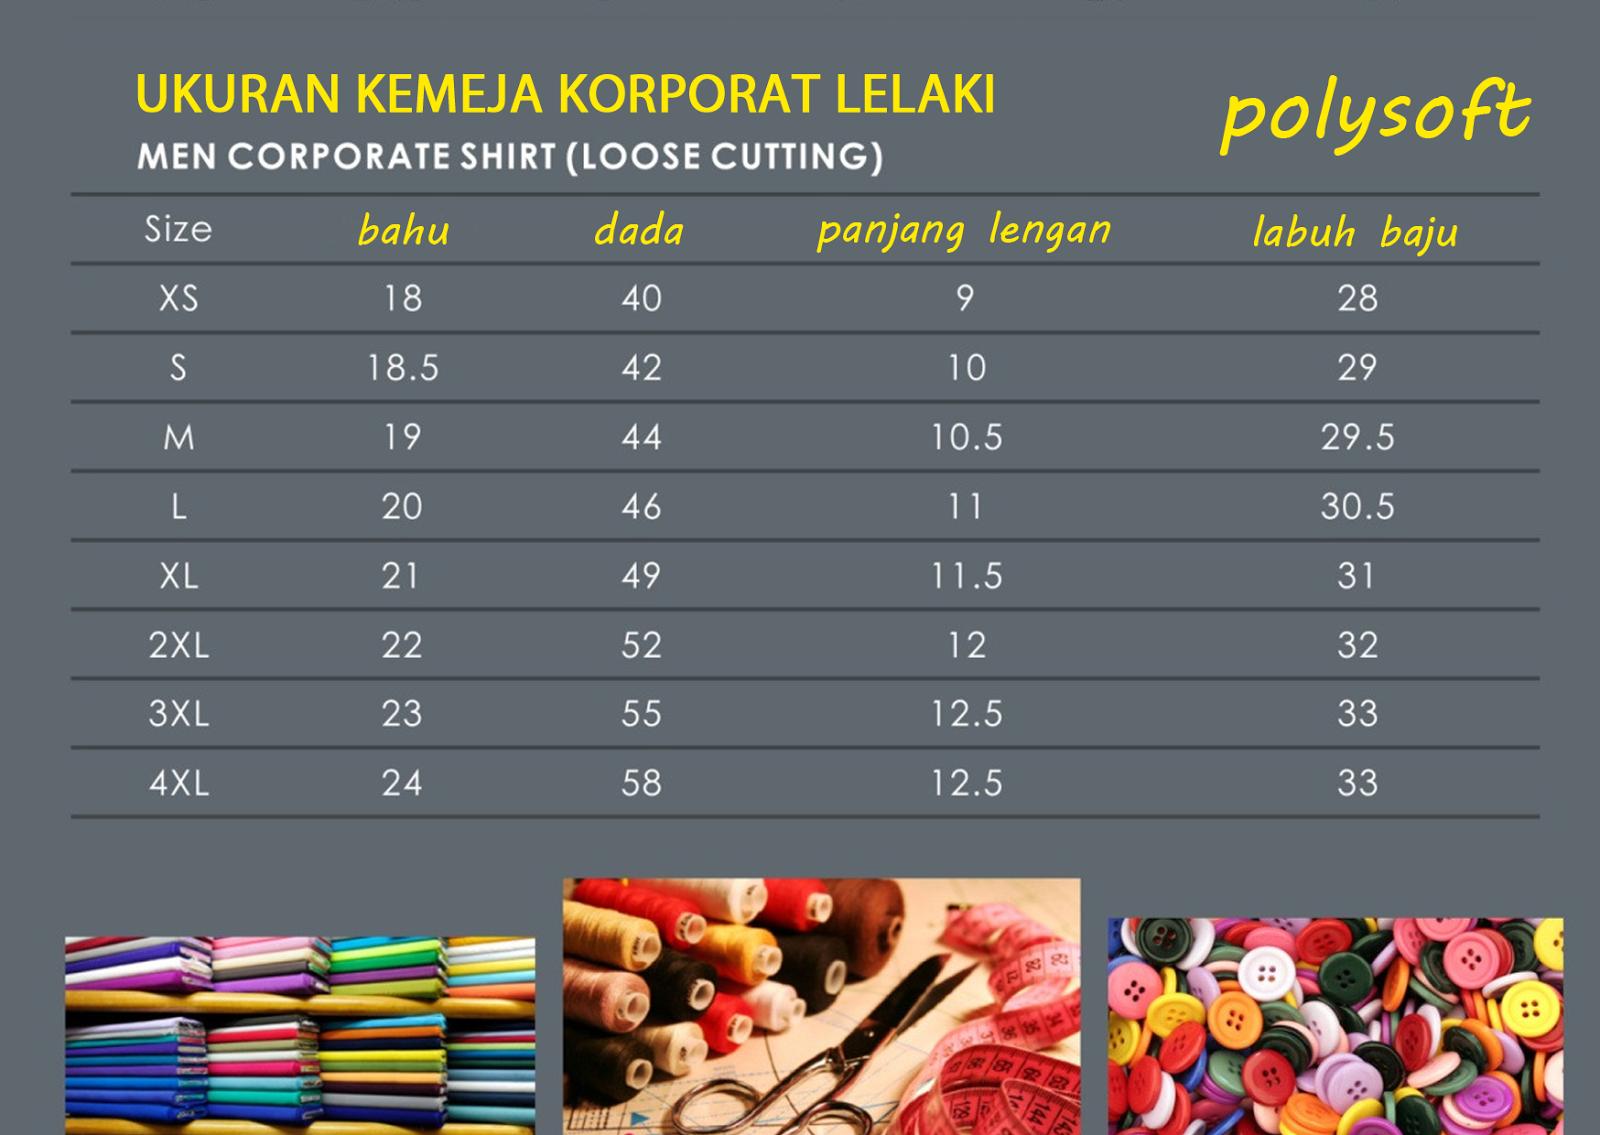 Rz Print Kemeja F1 Katalig Kaos Lelaki Katalog Polysoft Cotton Soft